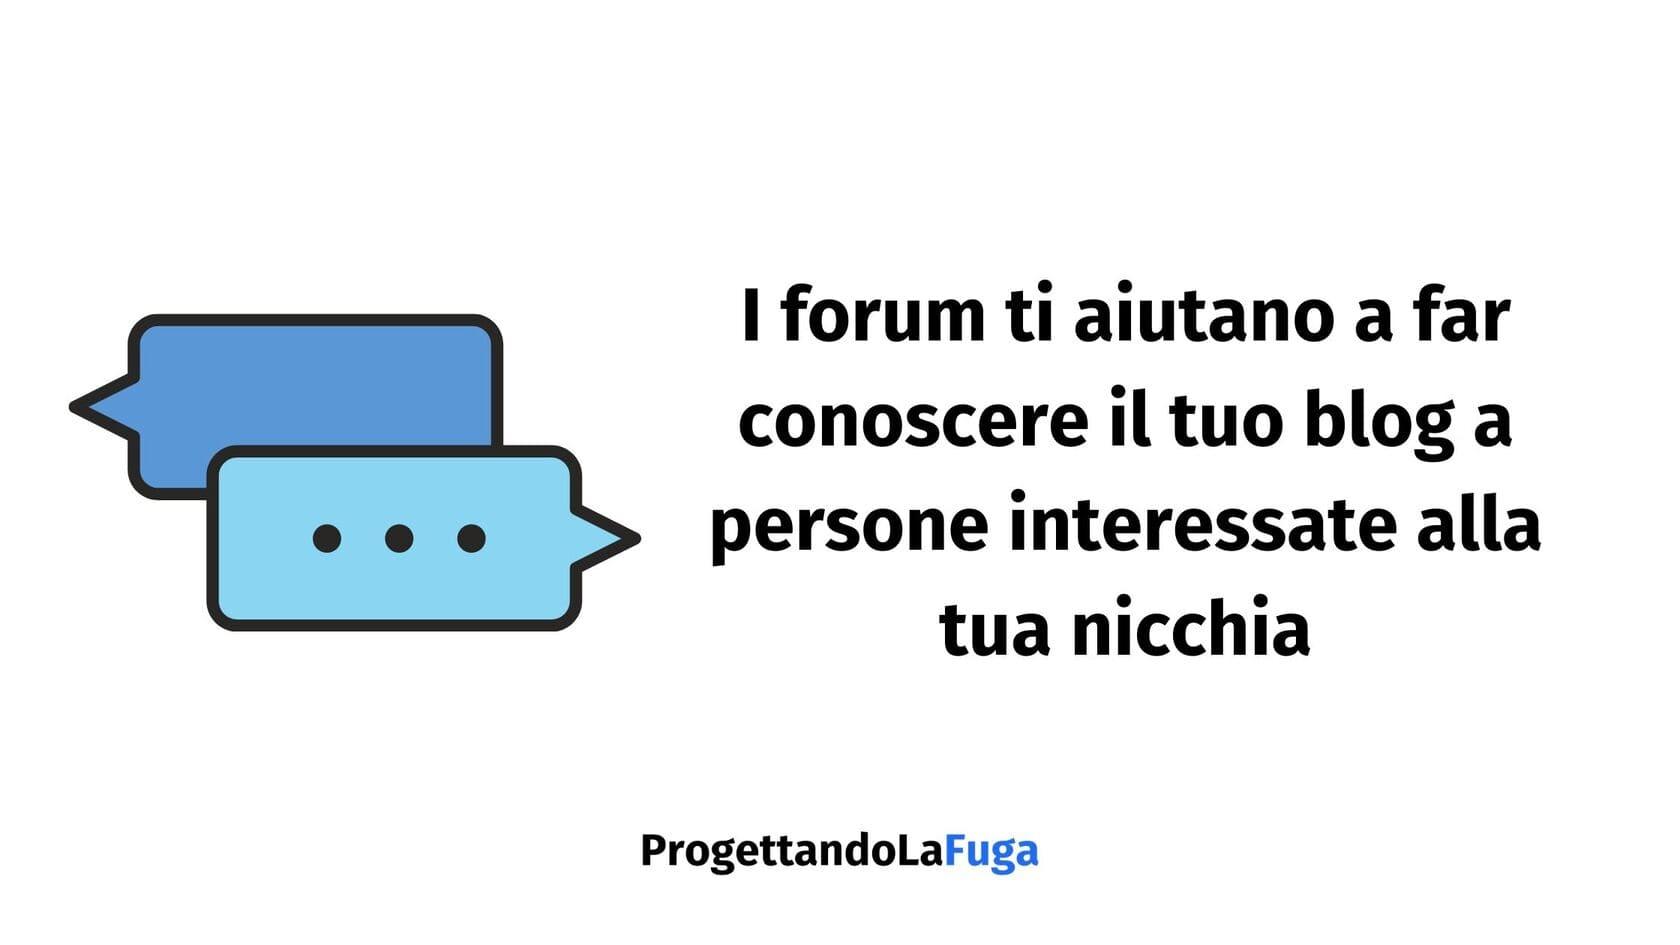 aumentare le visite al blog con i forum